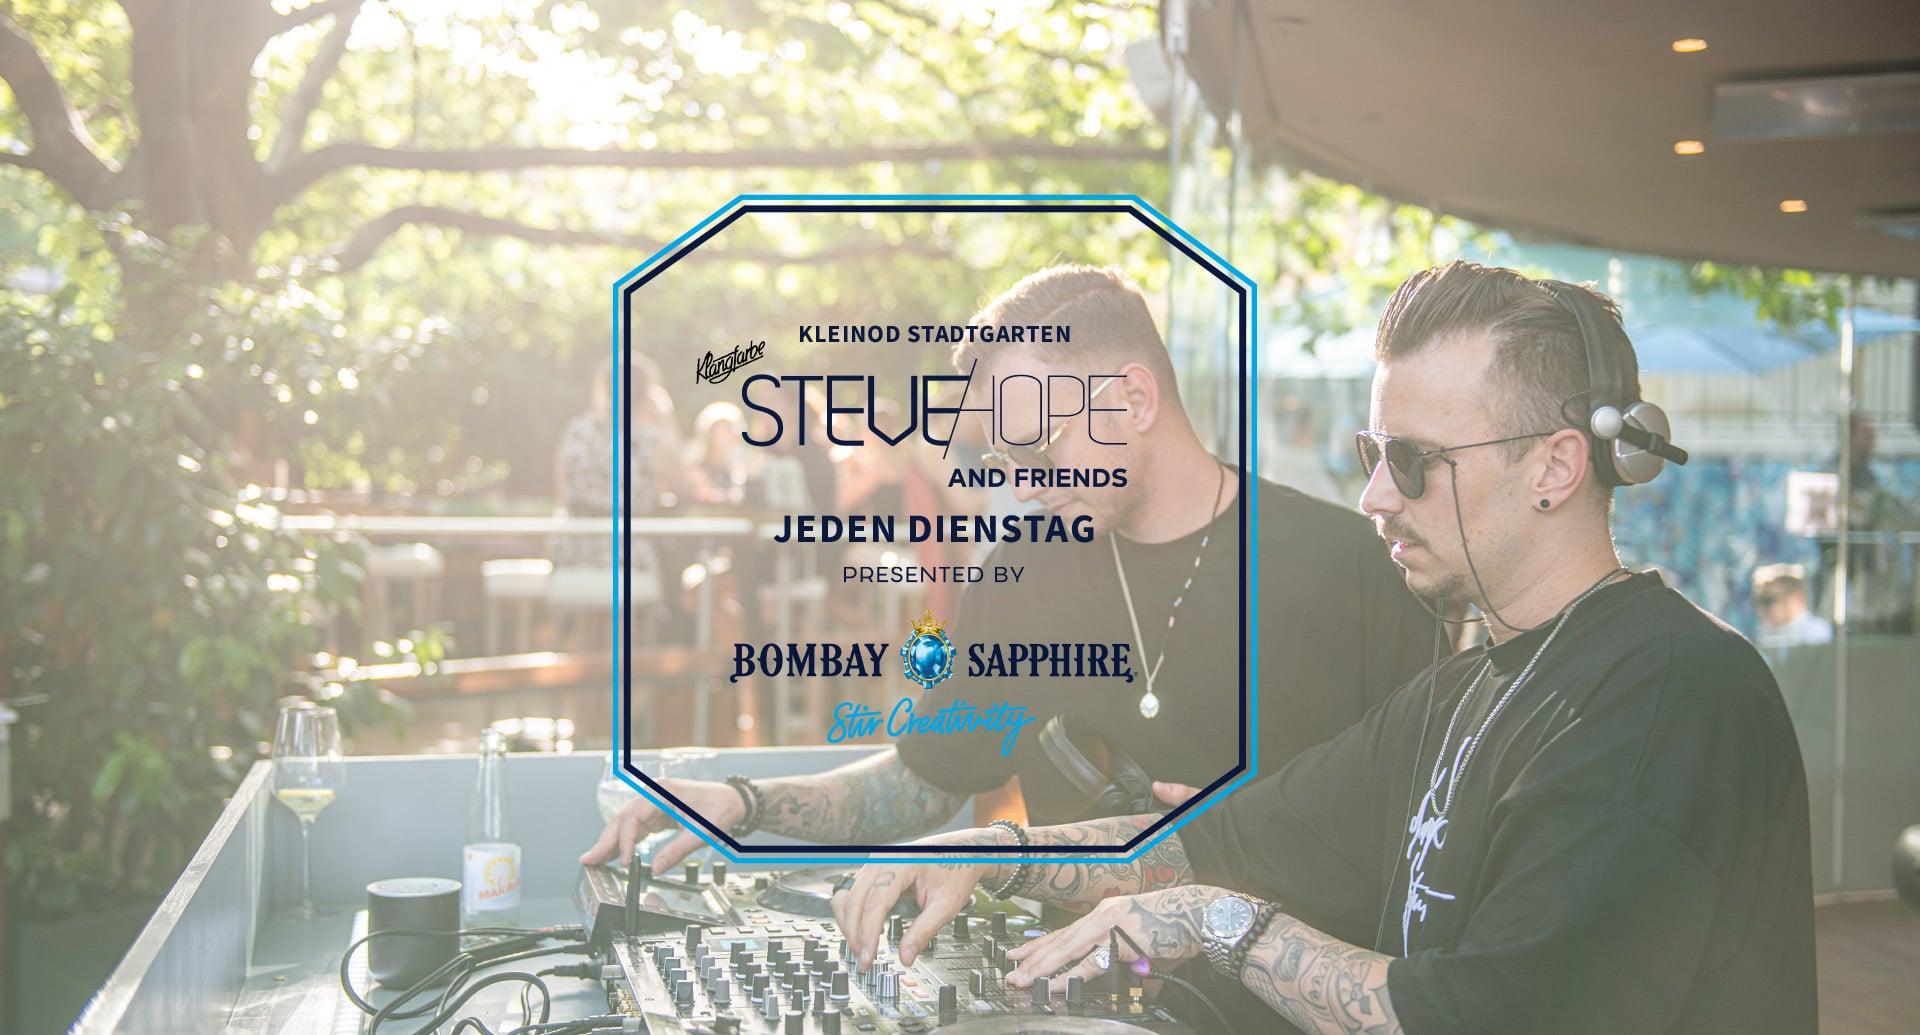 Events Wien: Steve Hope & Friends | Jeden Dienstag im Kleinod Stadtgarten